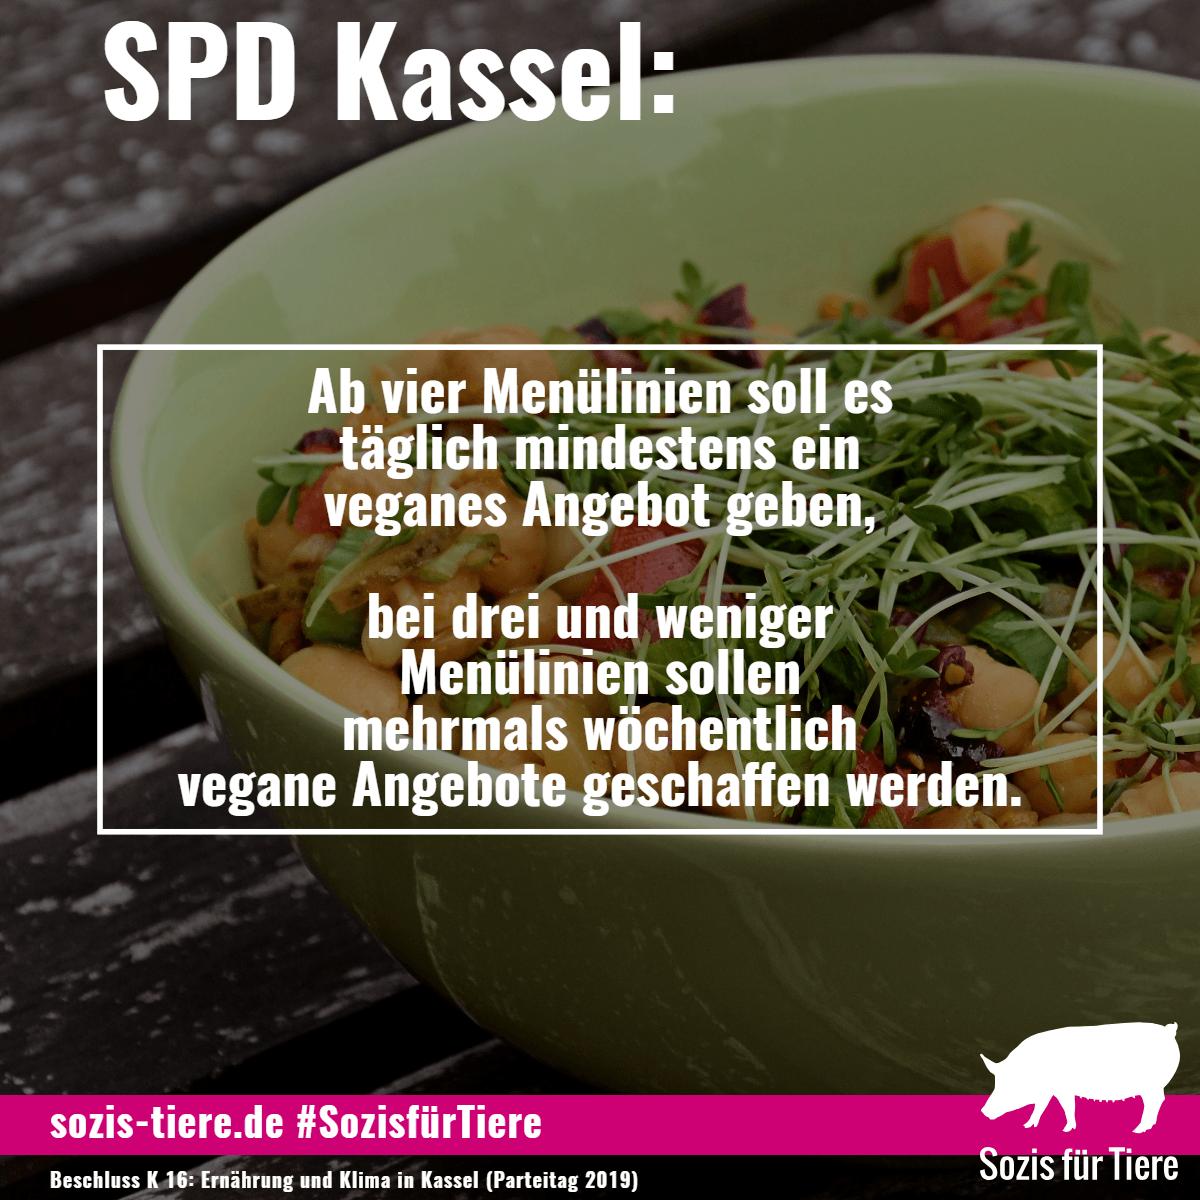 SPD Kassel: Ab vier Menülinien soll es täglich mindestens ein veganes Angebot geben, bei drei und weniger Menülinien sollen mehrmals wöchentlich vegane Angebote geschaffen werden.